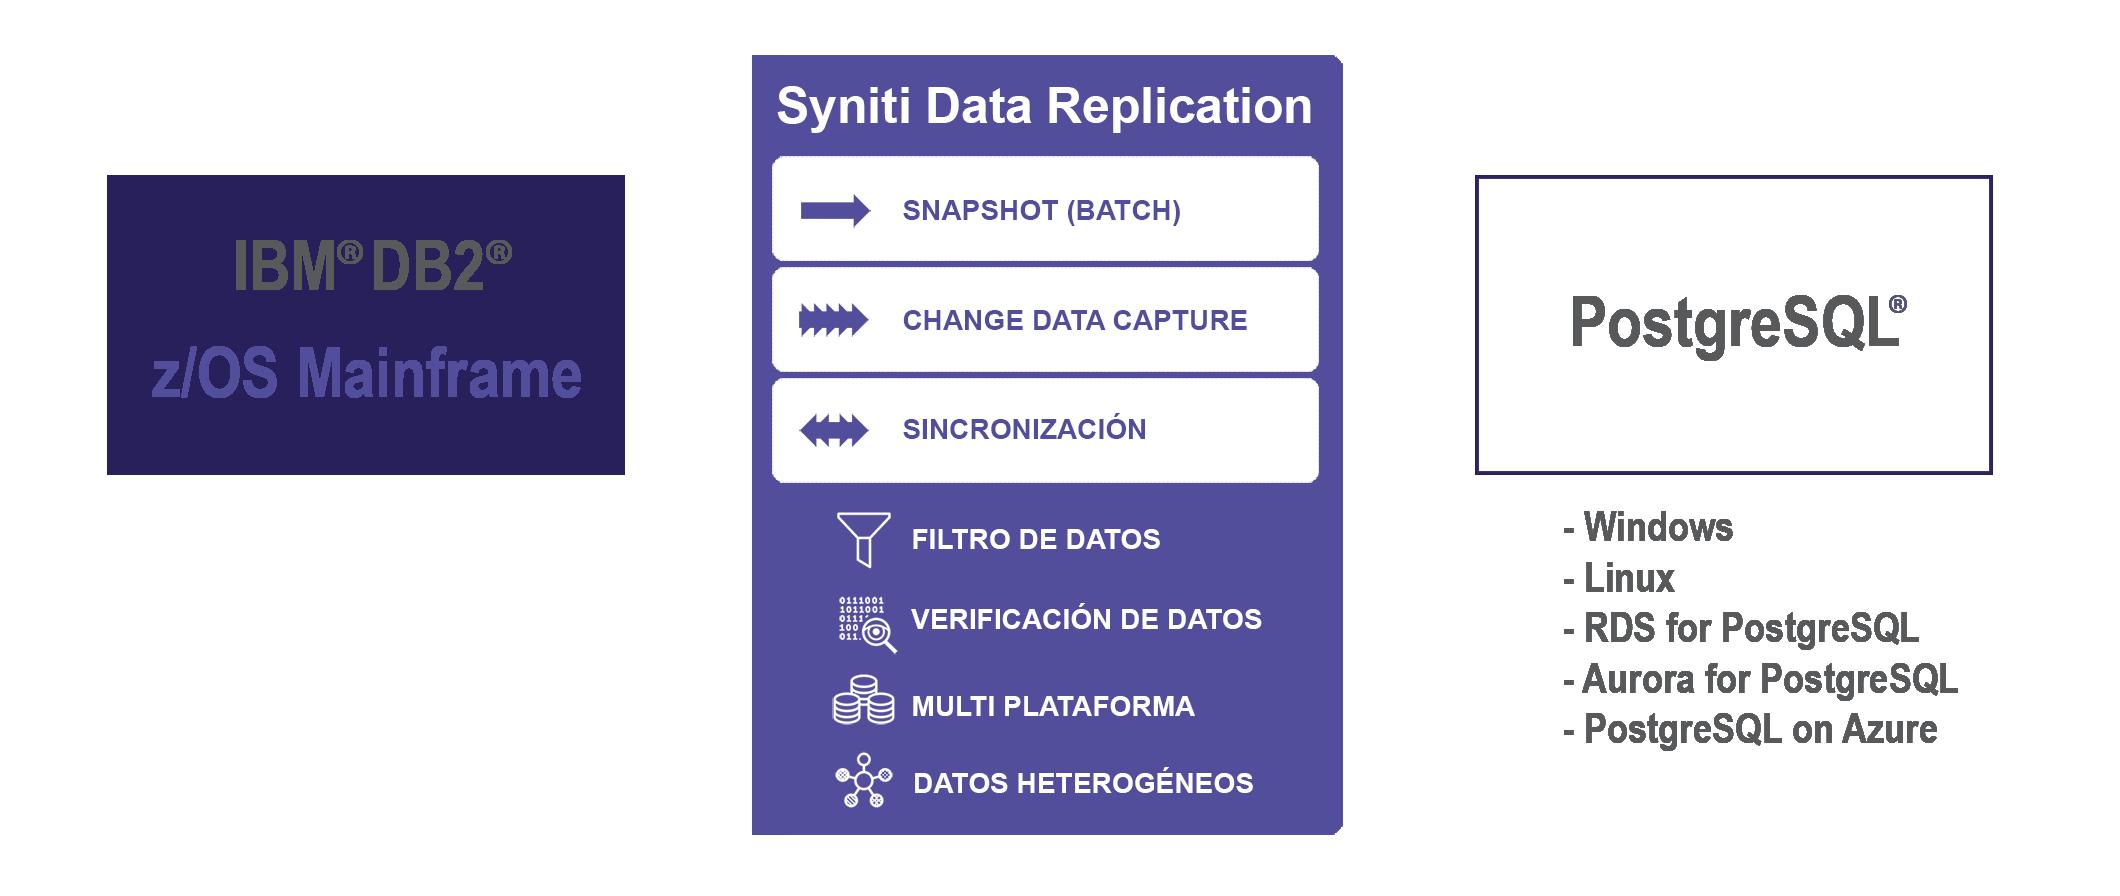 Replicacion de datos DB2 z/OS a PostgreSQL